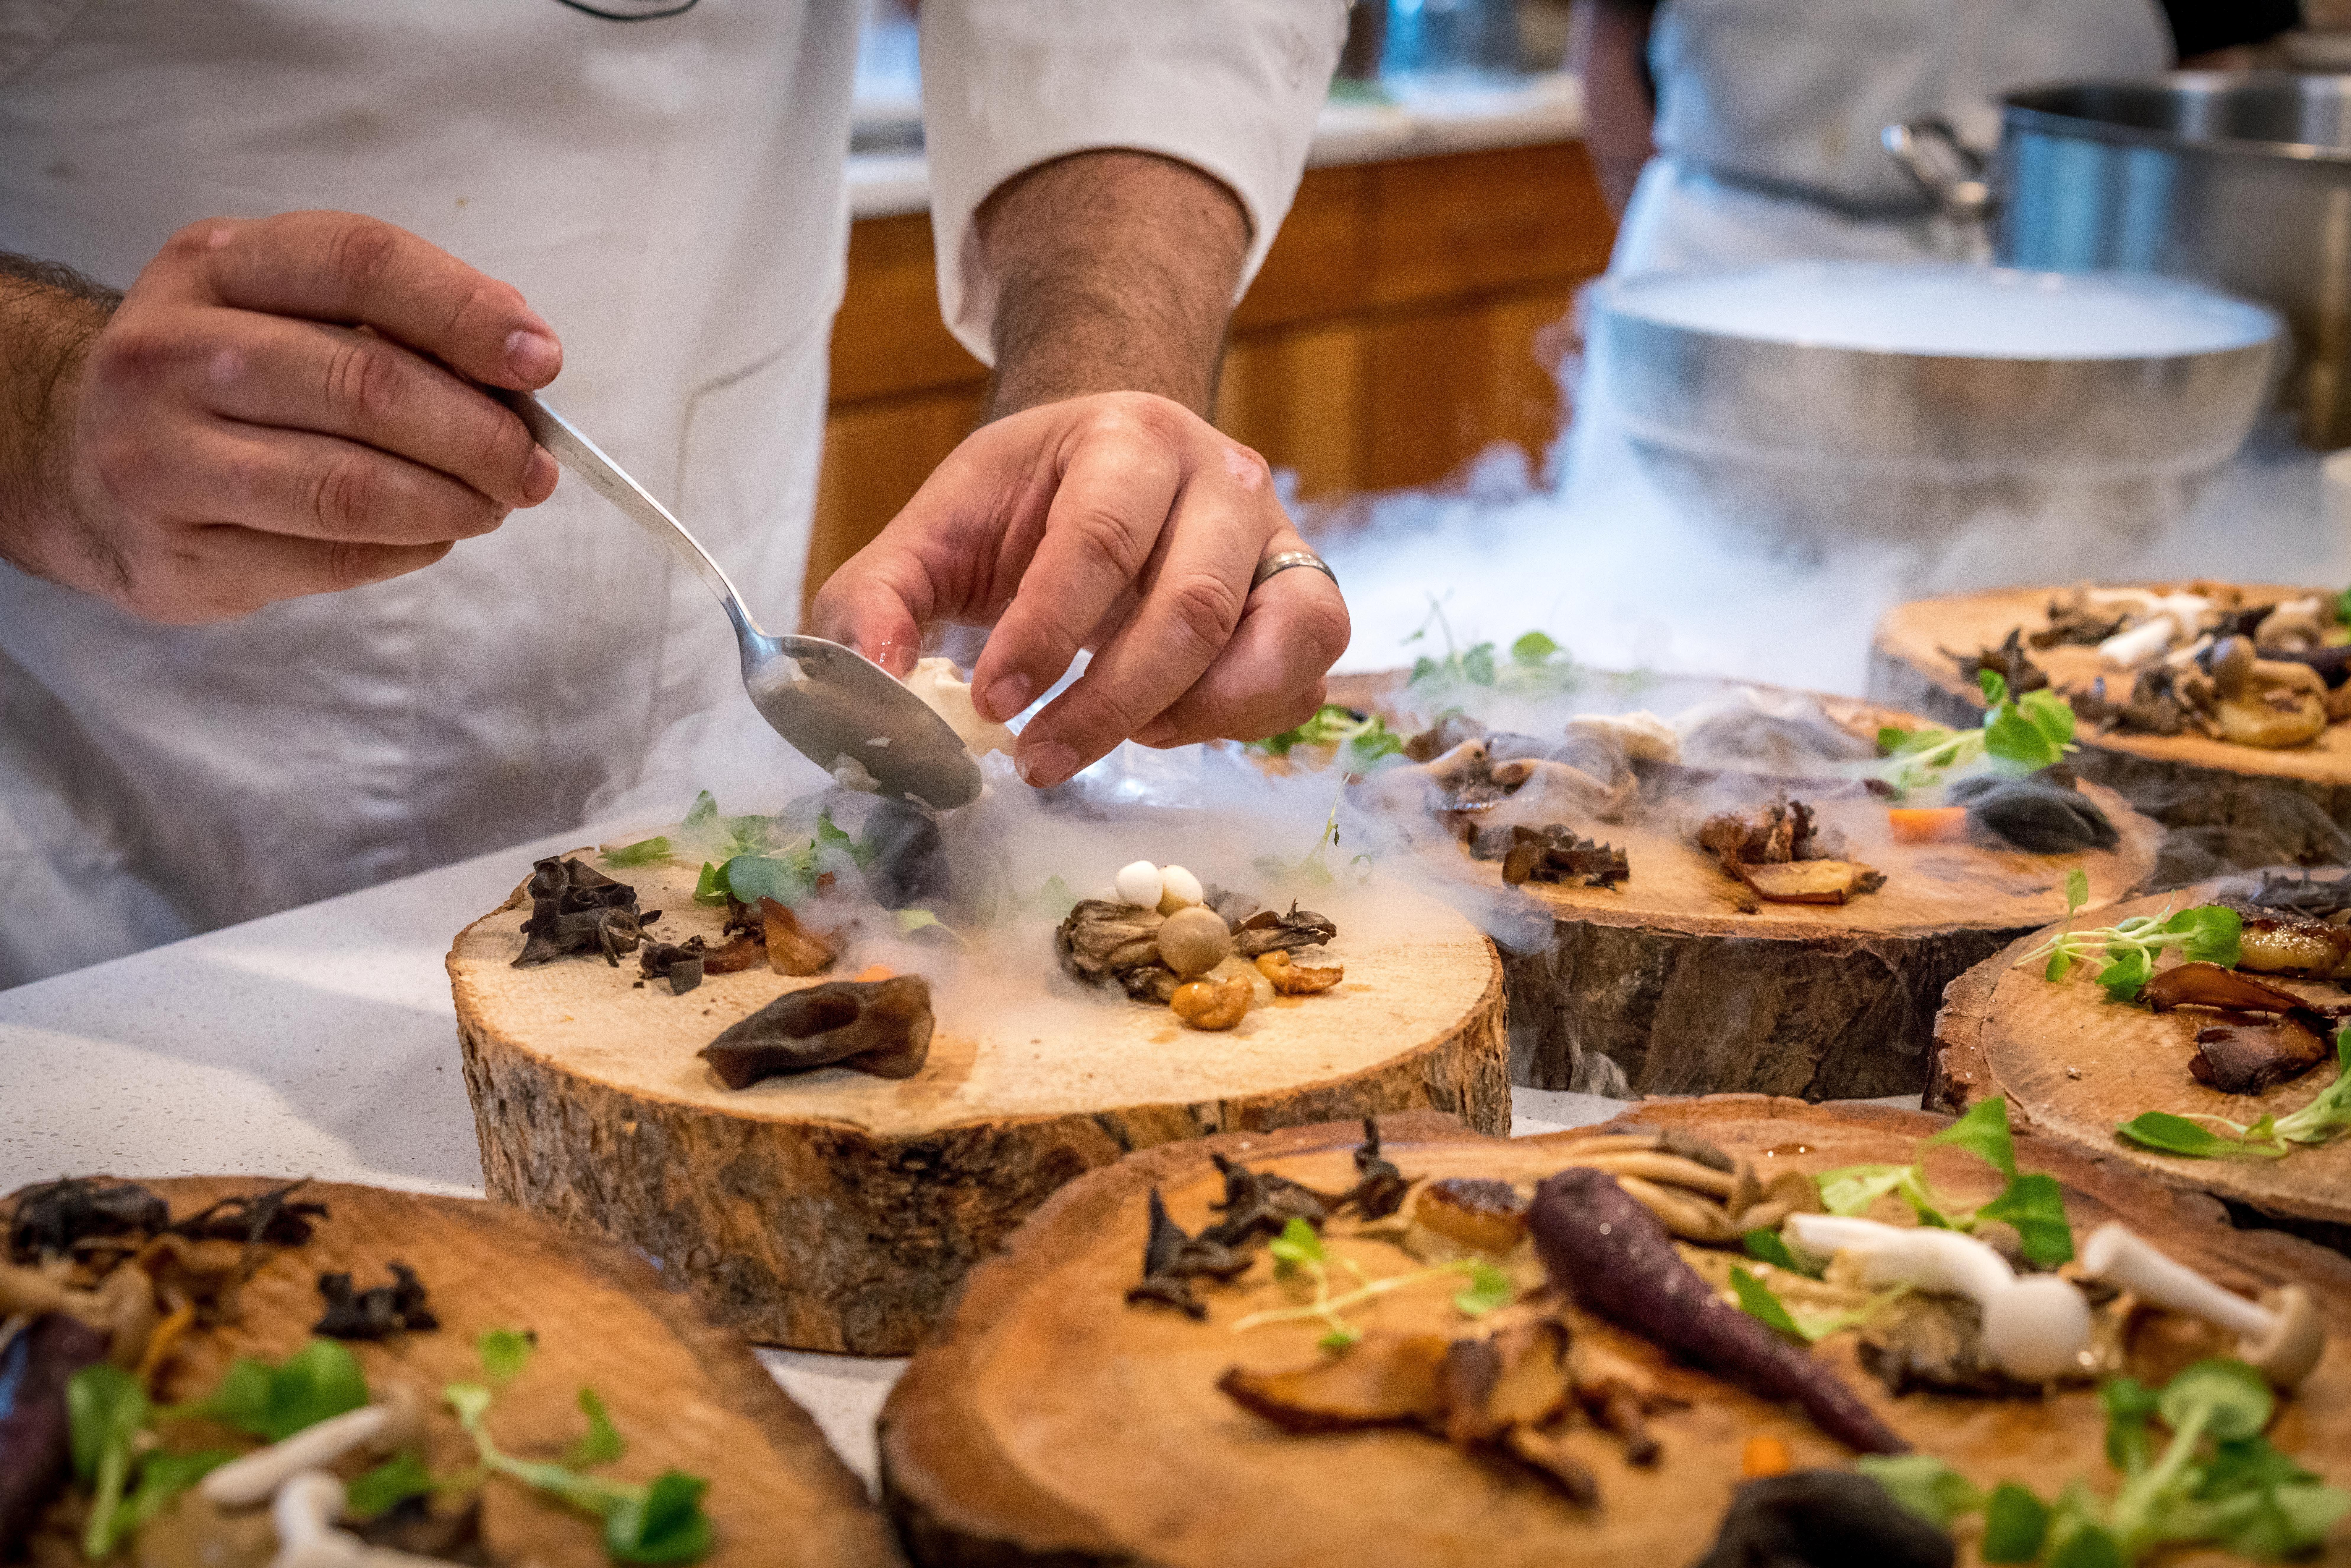 licenciatura-gastronomia-todo-lo-que-debes-saber-justo-sierra